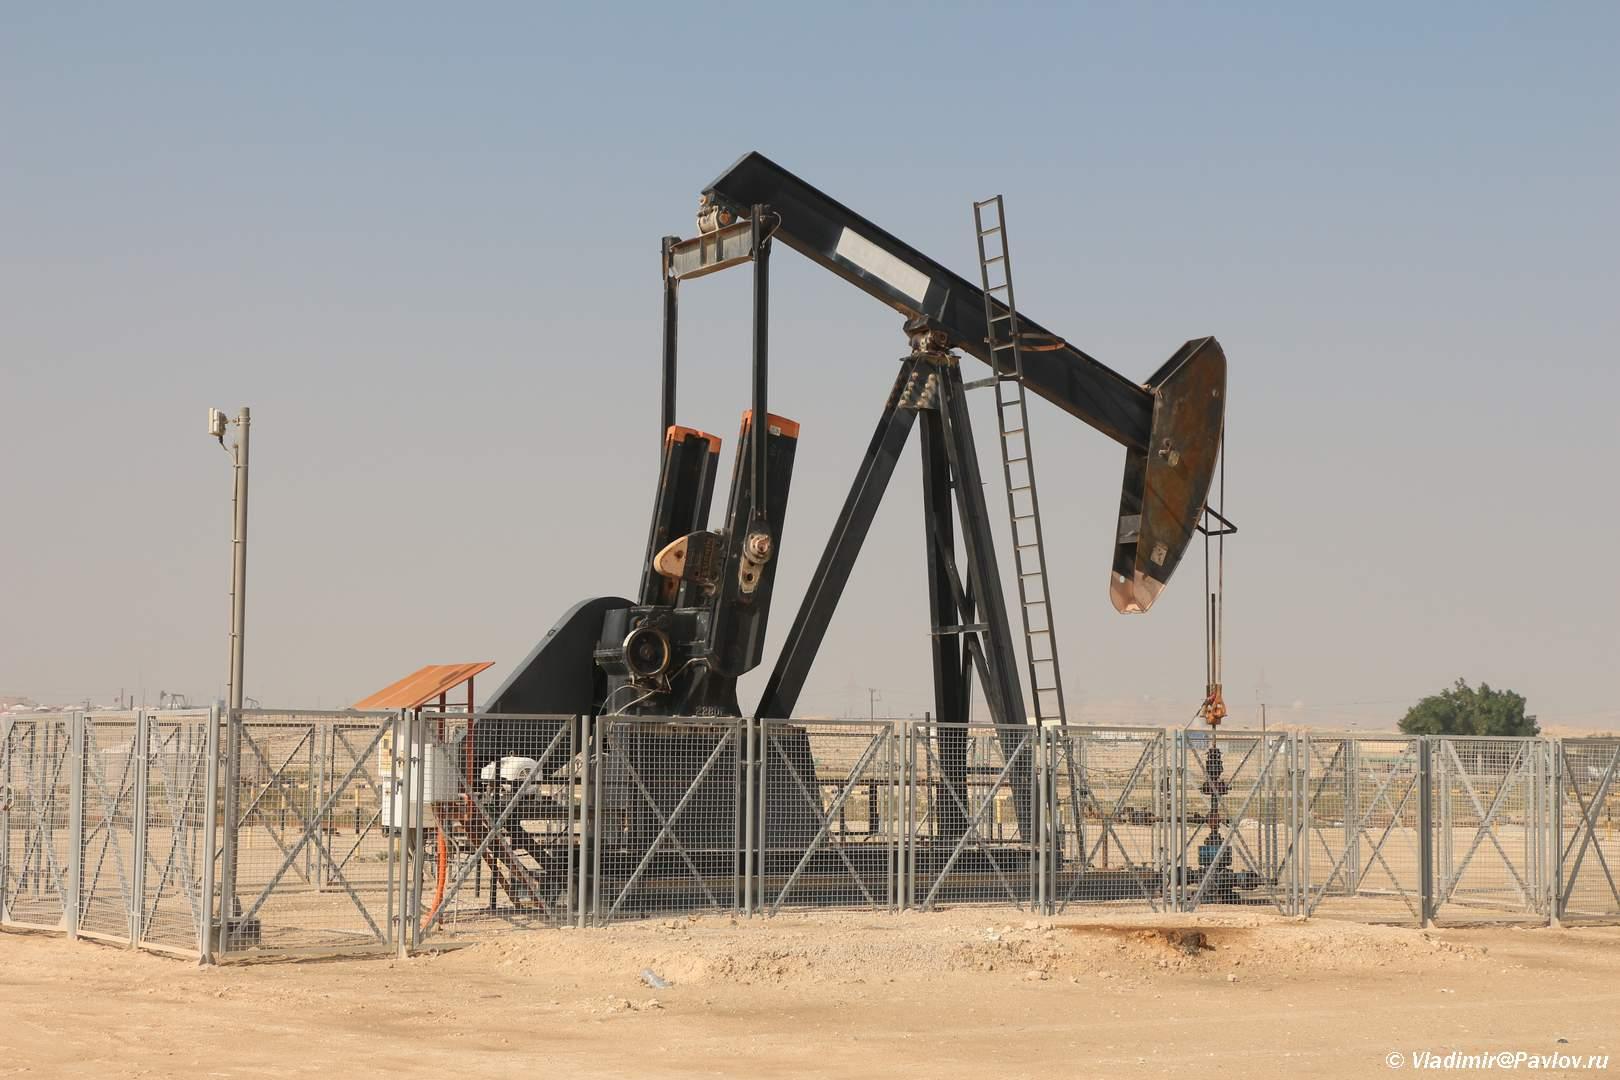 Nasos kachalka. Neftyanoe mestorozhdenie v Bahrejne. Bahrain oil field - Нефть - Черное Золото Бахрейна